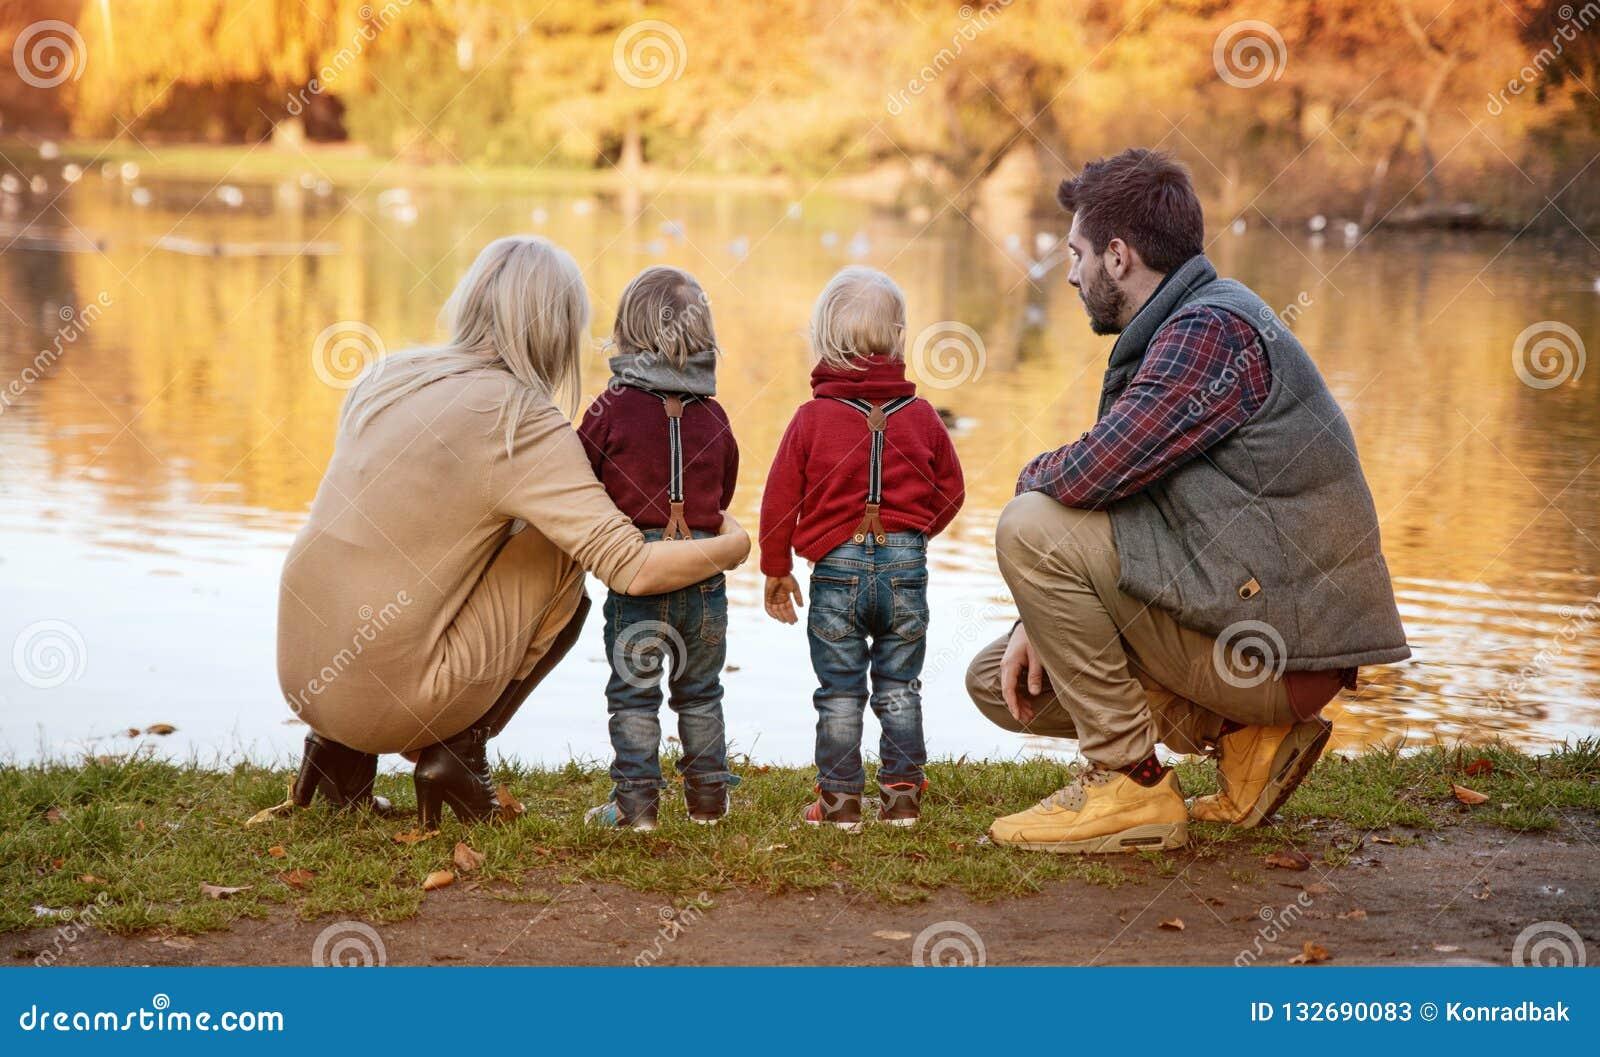 Radosna rodzina cieszy się wielką, jesienną pogodę,